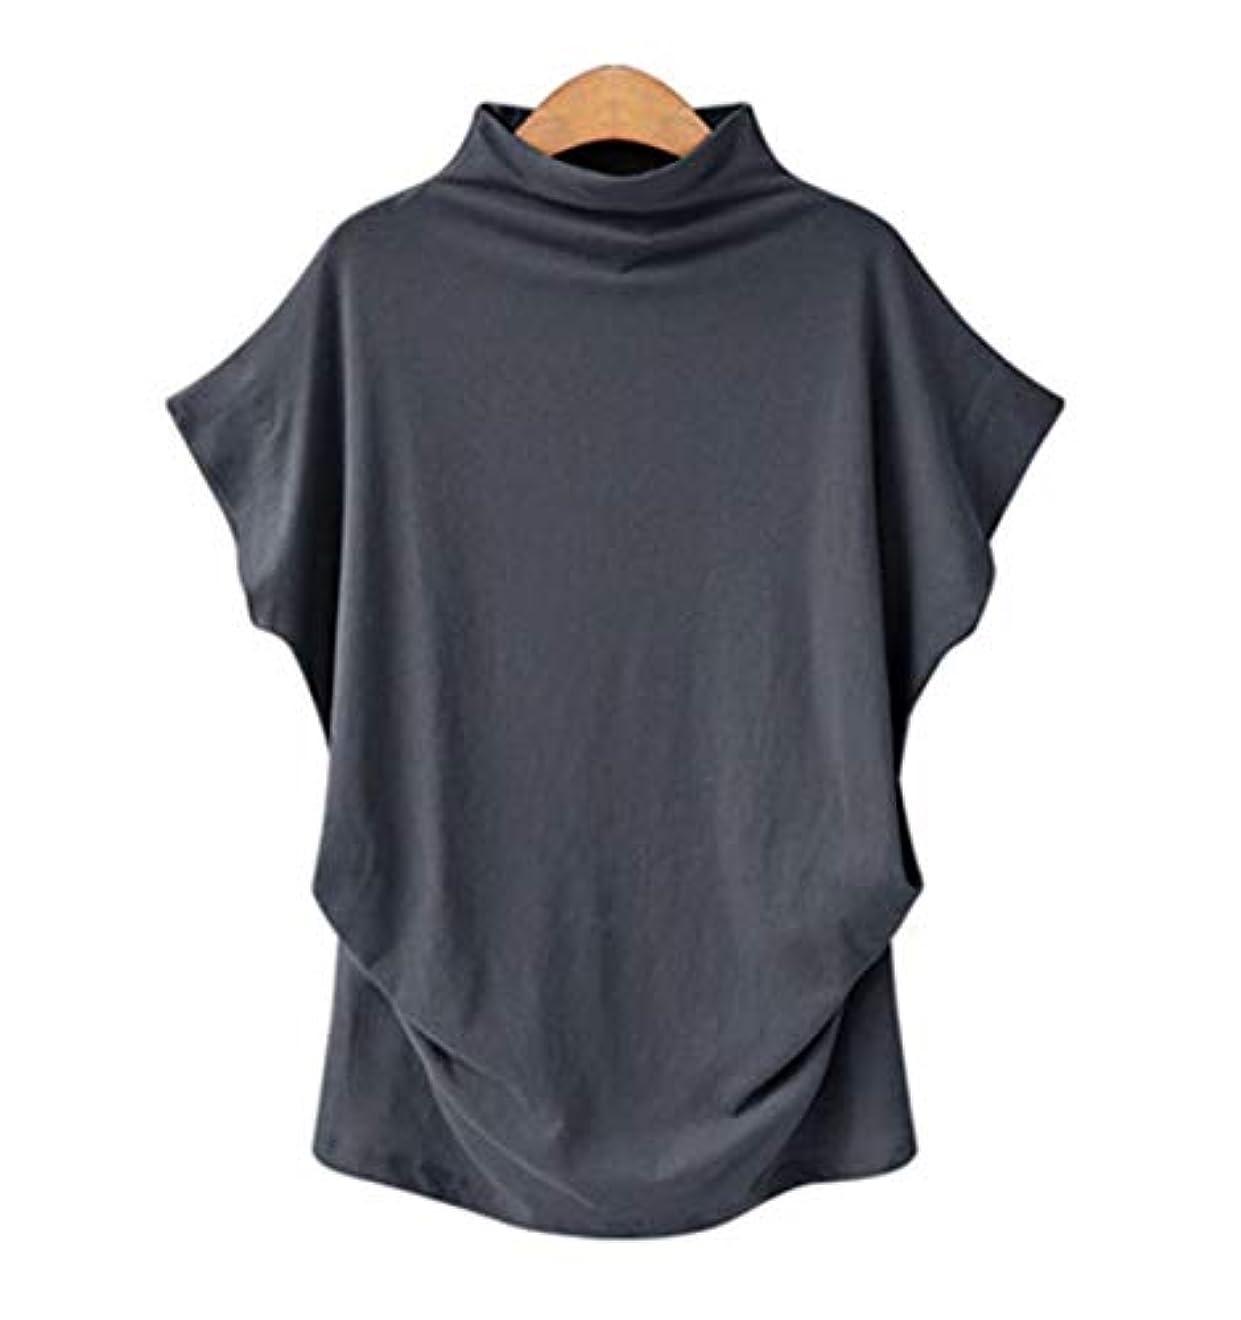 政治家弱めるエネルギー[モルクス] tシャツ カットソー フレンチスリーブ オフネック 折り返し ゆったり コットン 綿 レディース